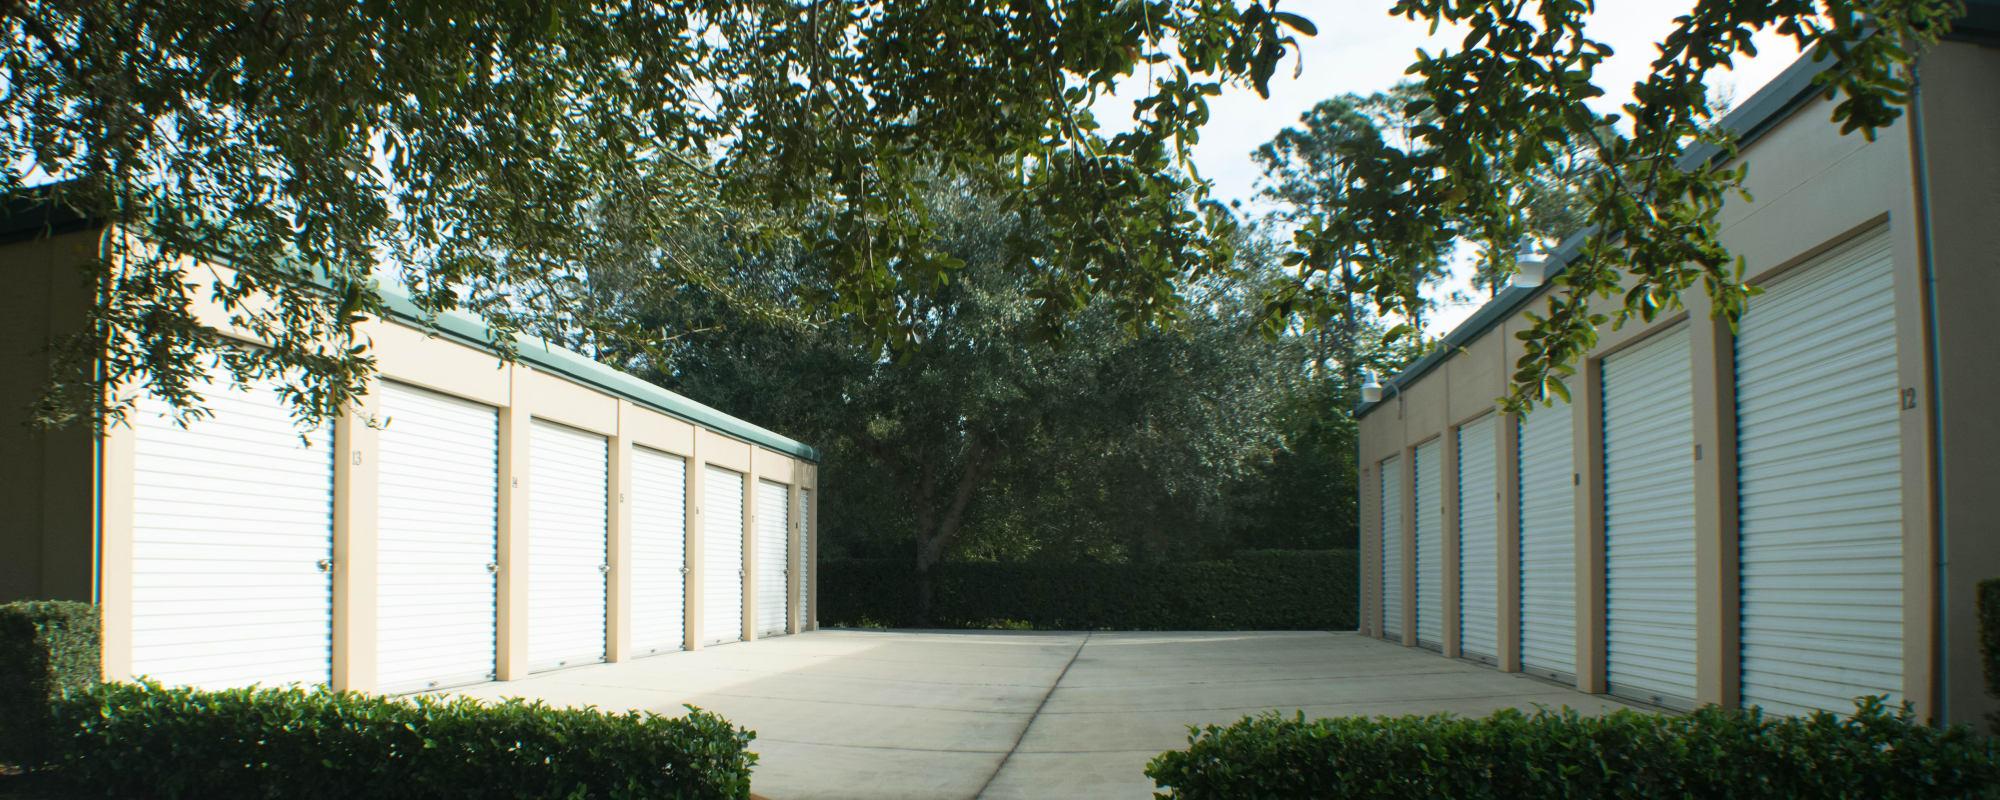 Self storage at Best American Storage in Ormond Beach, Florida